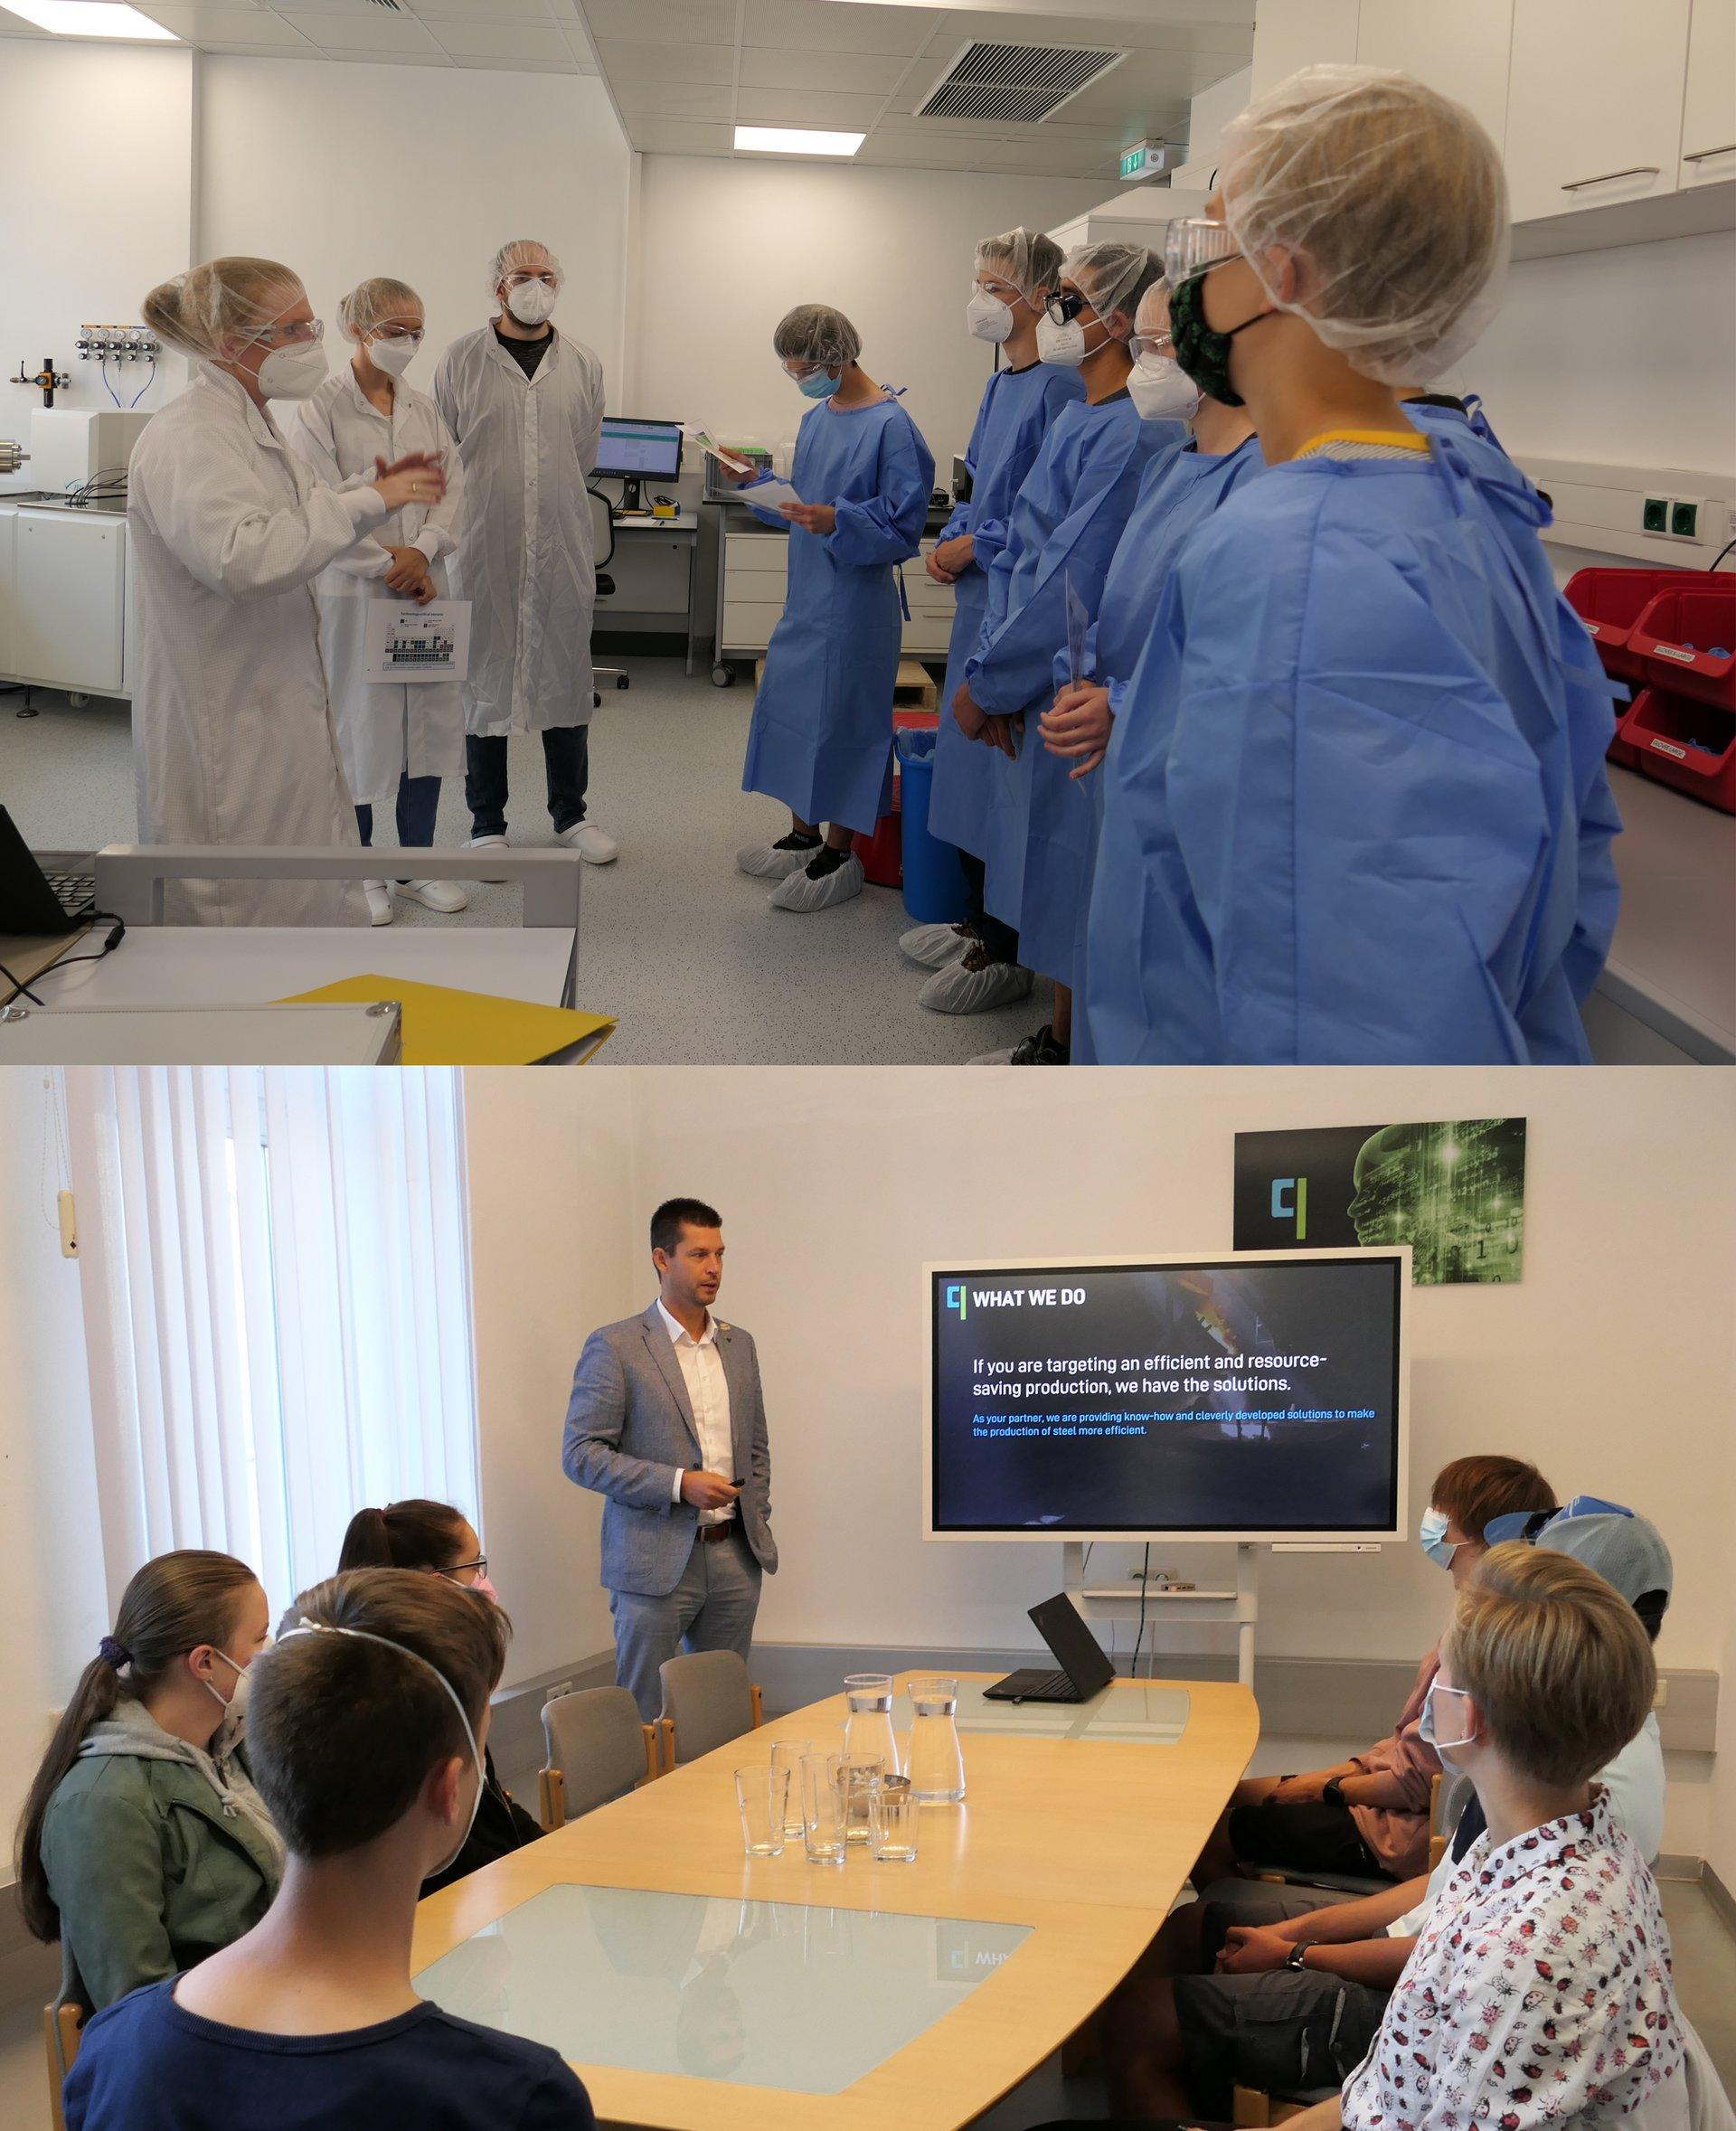 Schülerinnen und Schüler besuchten das Chemielabor an der Montanuniversität Leoben (oben), bei der Firma qoncept dx GmbH erhielten sie einen Einblick ins Berufsleben (unten). Copyright - RIC Leoben